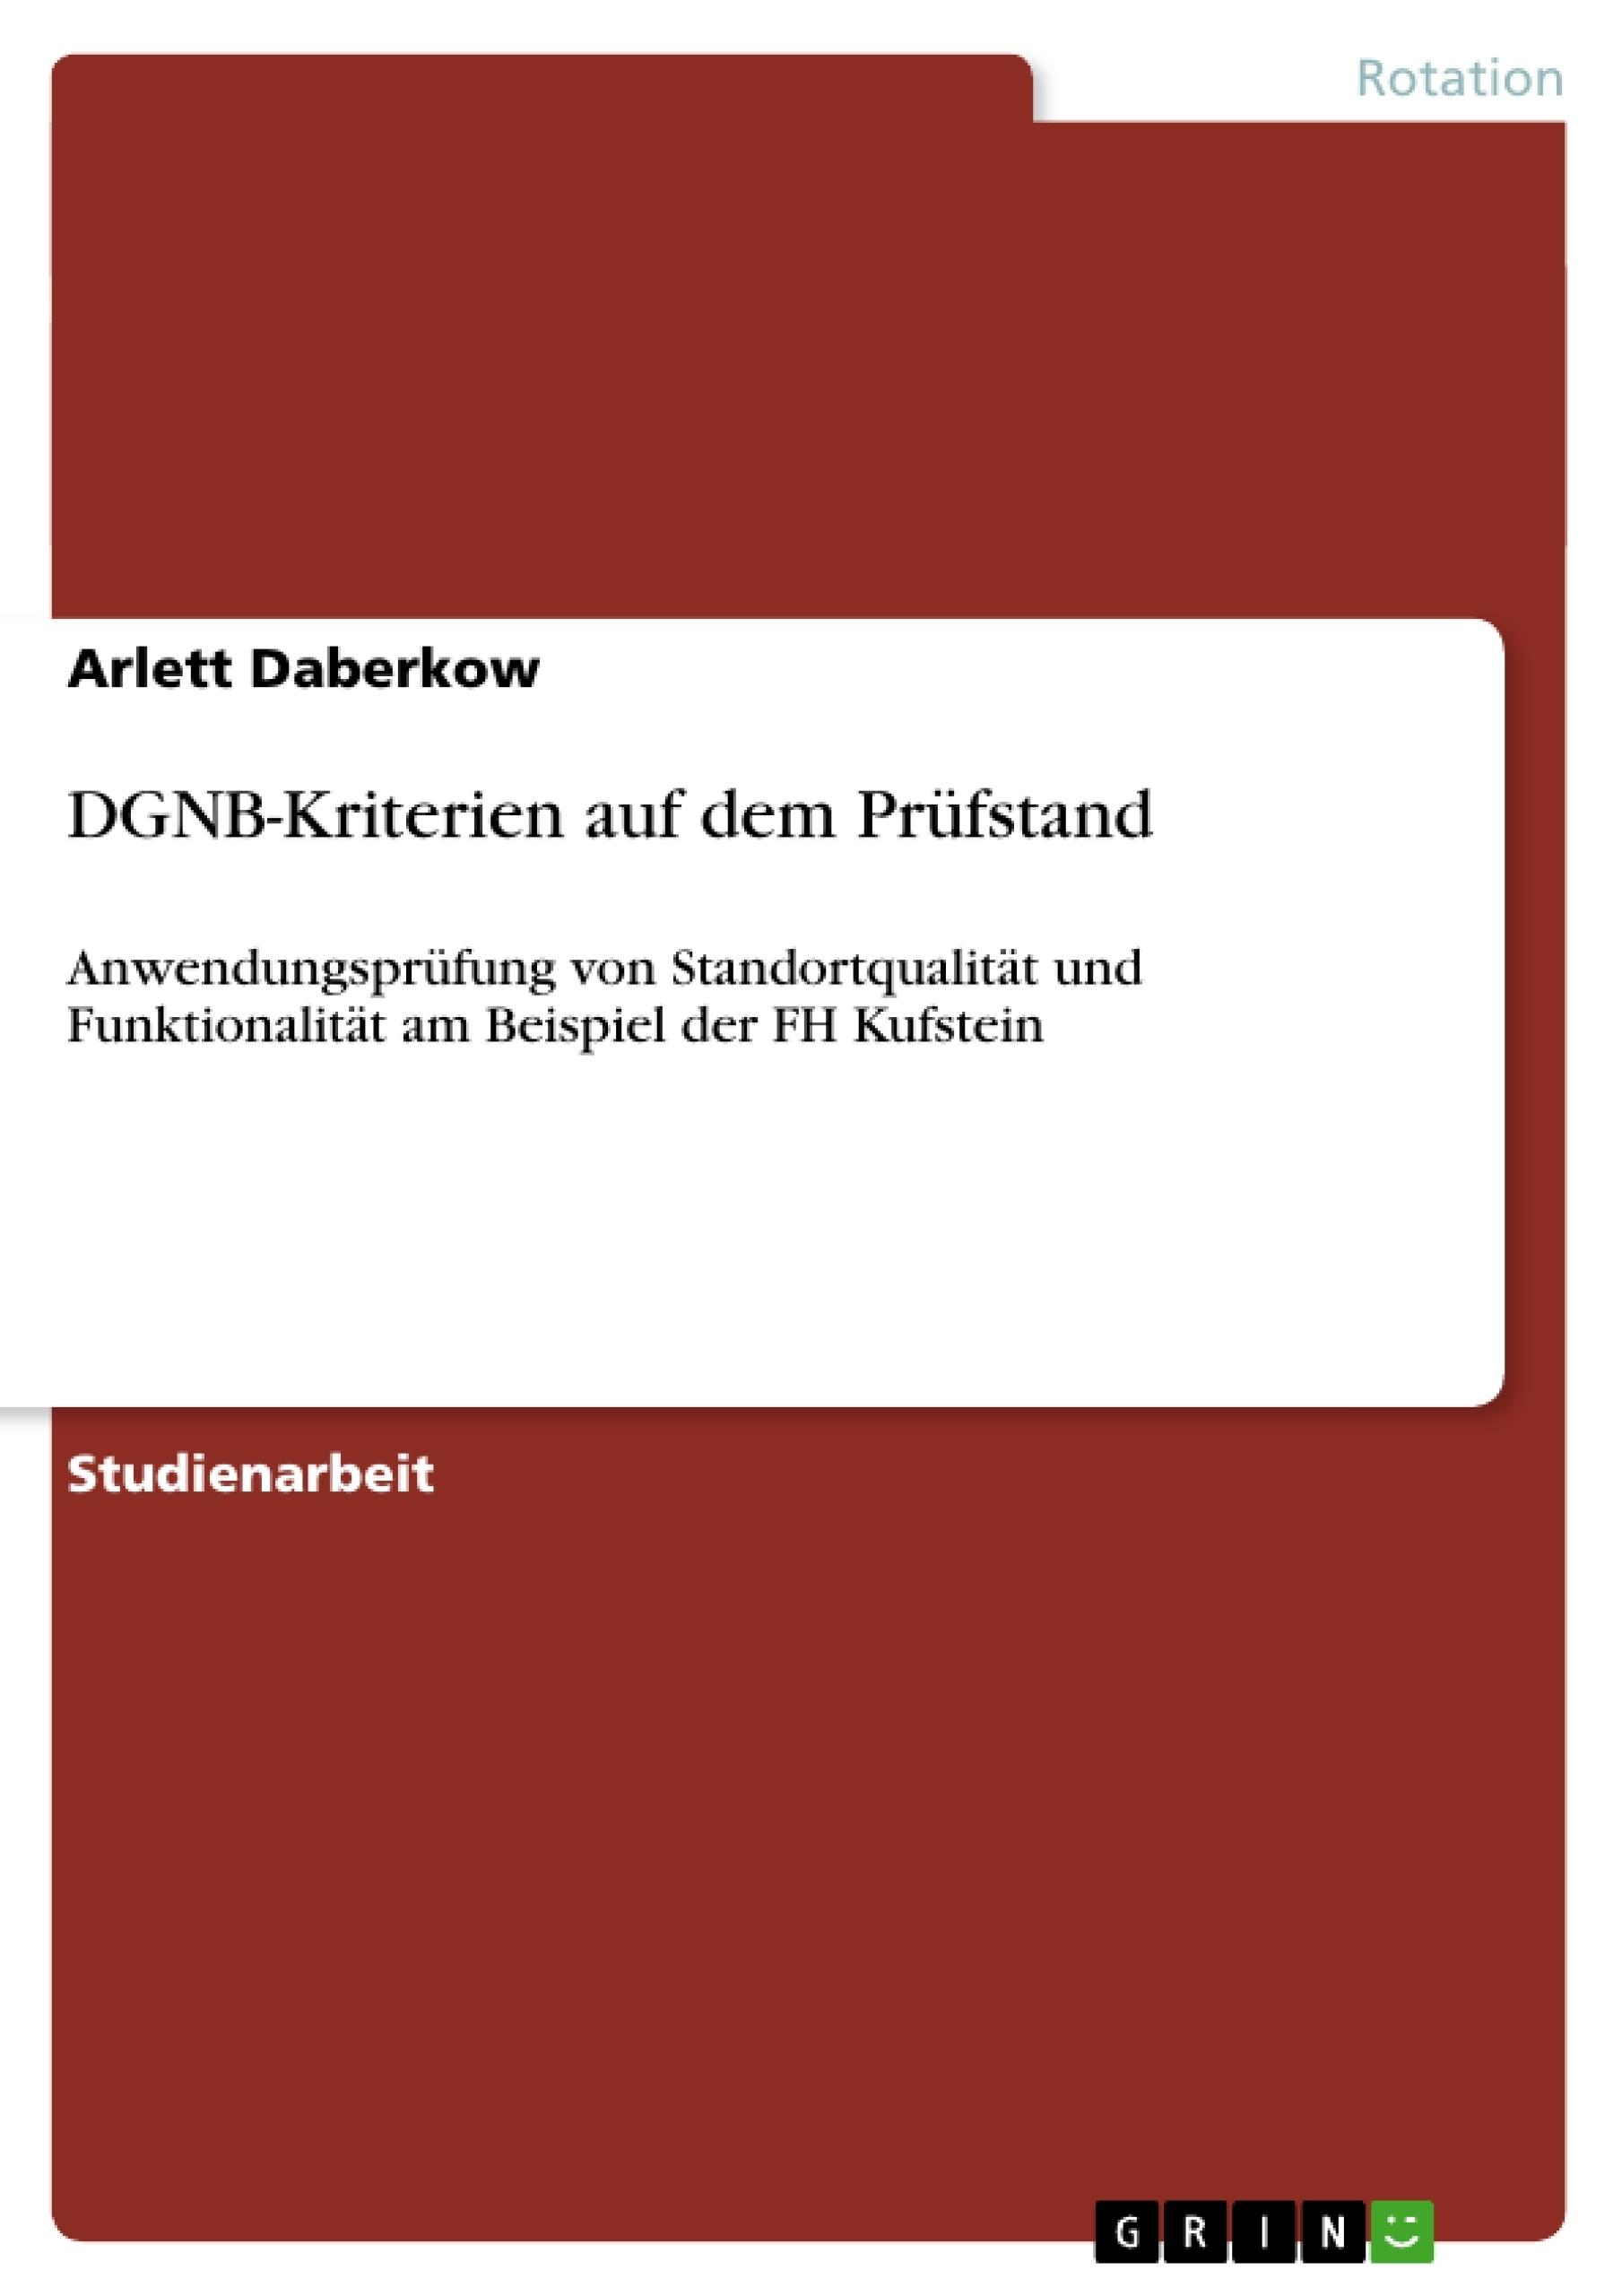 Titel: DGNB-Kriterien auf dem Prüfstand